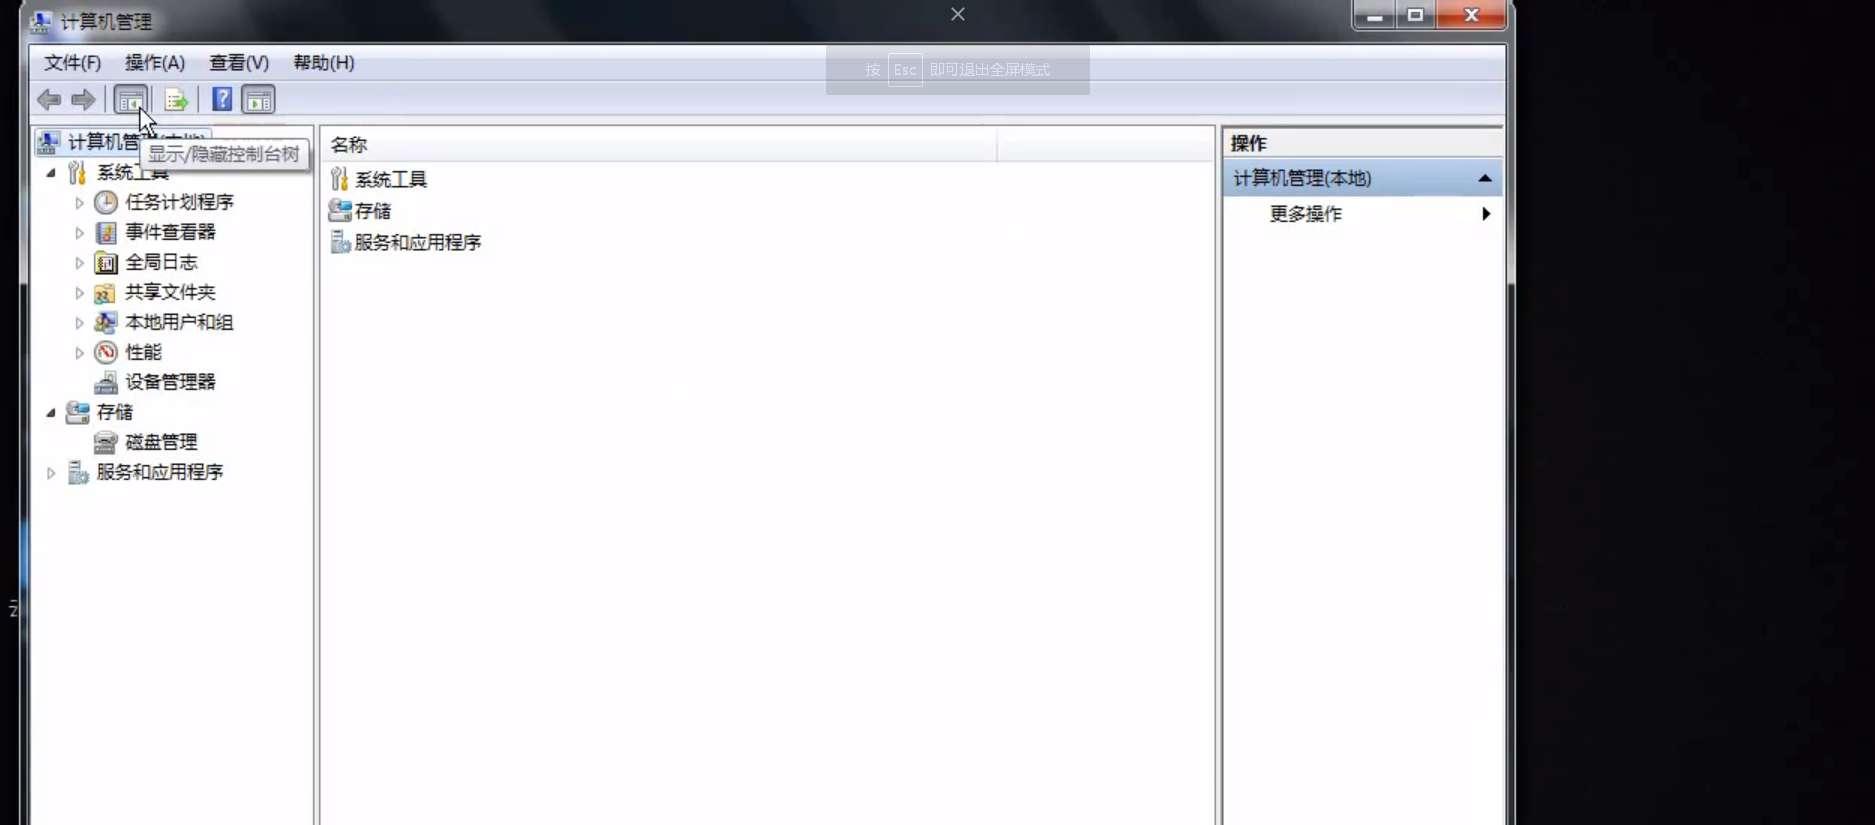 windows无法配置此无线连接解决方法